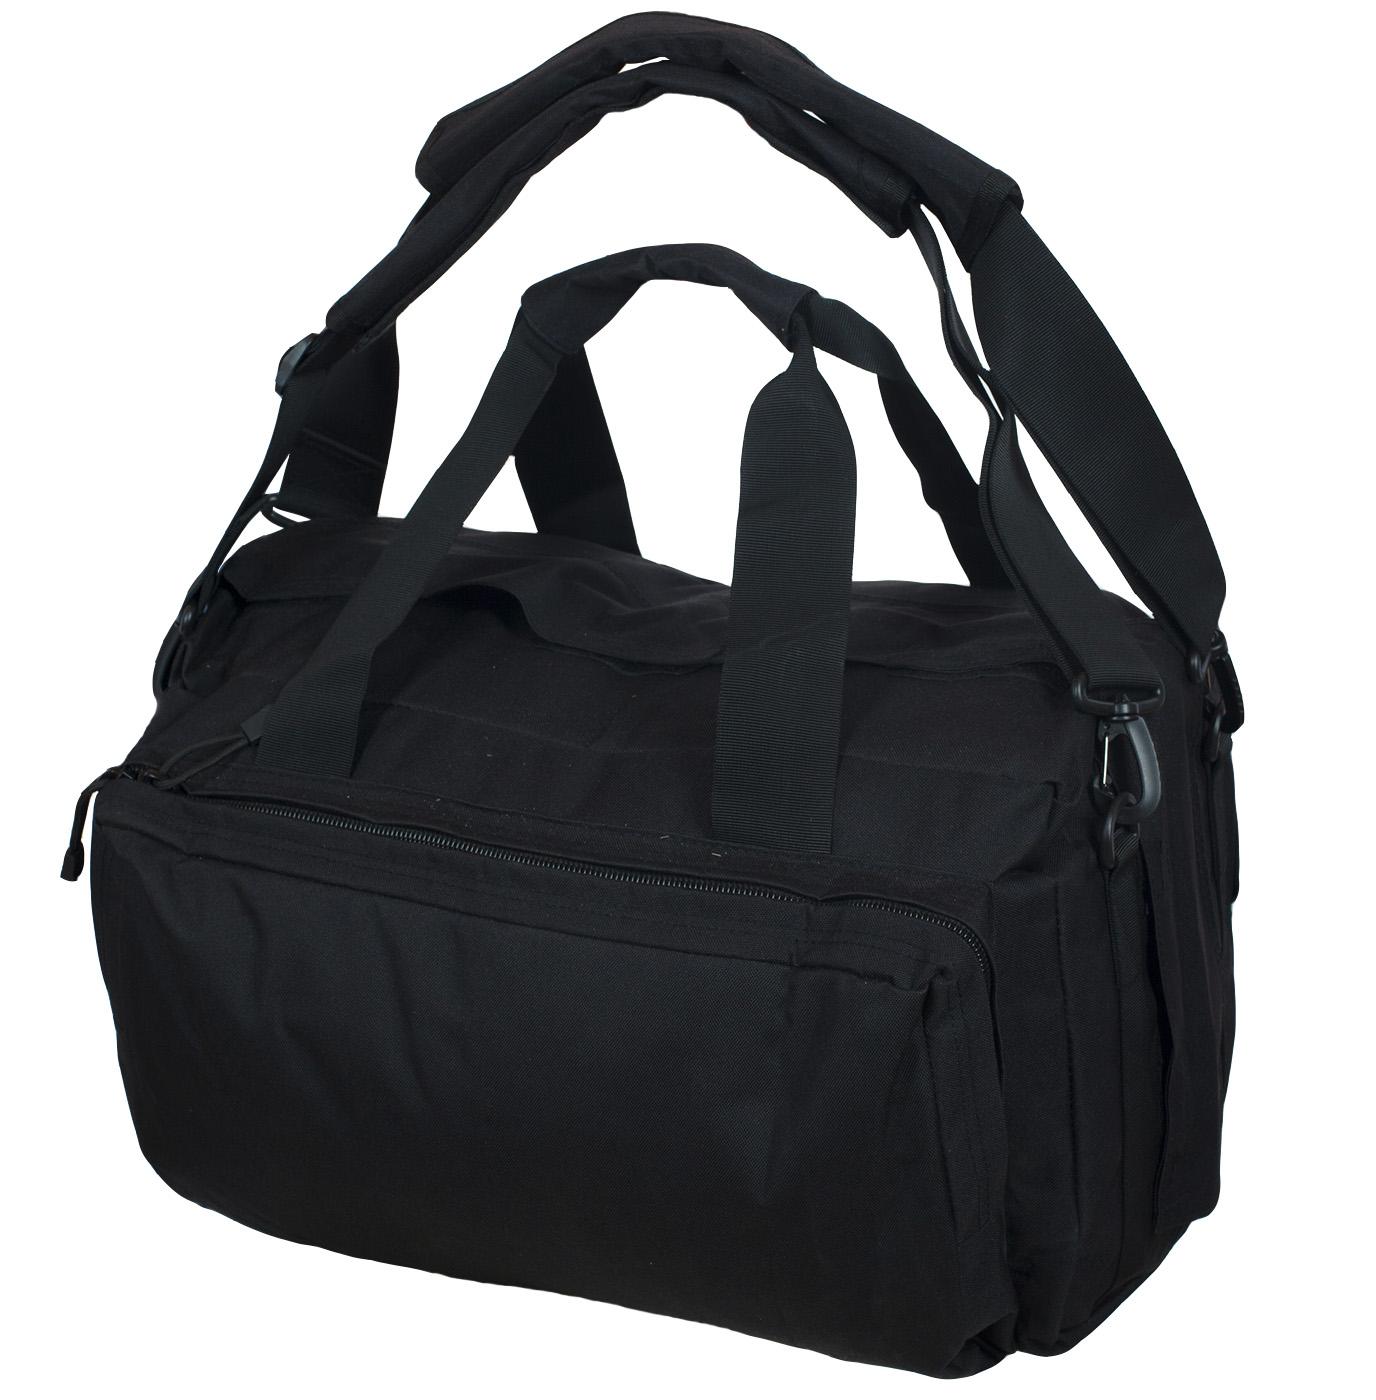 Функциональная черная сумка-рюкзак с нашивкой Охотничьего спецназа купить выгодно